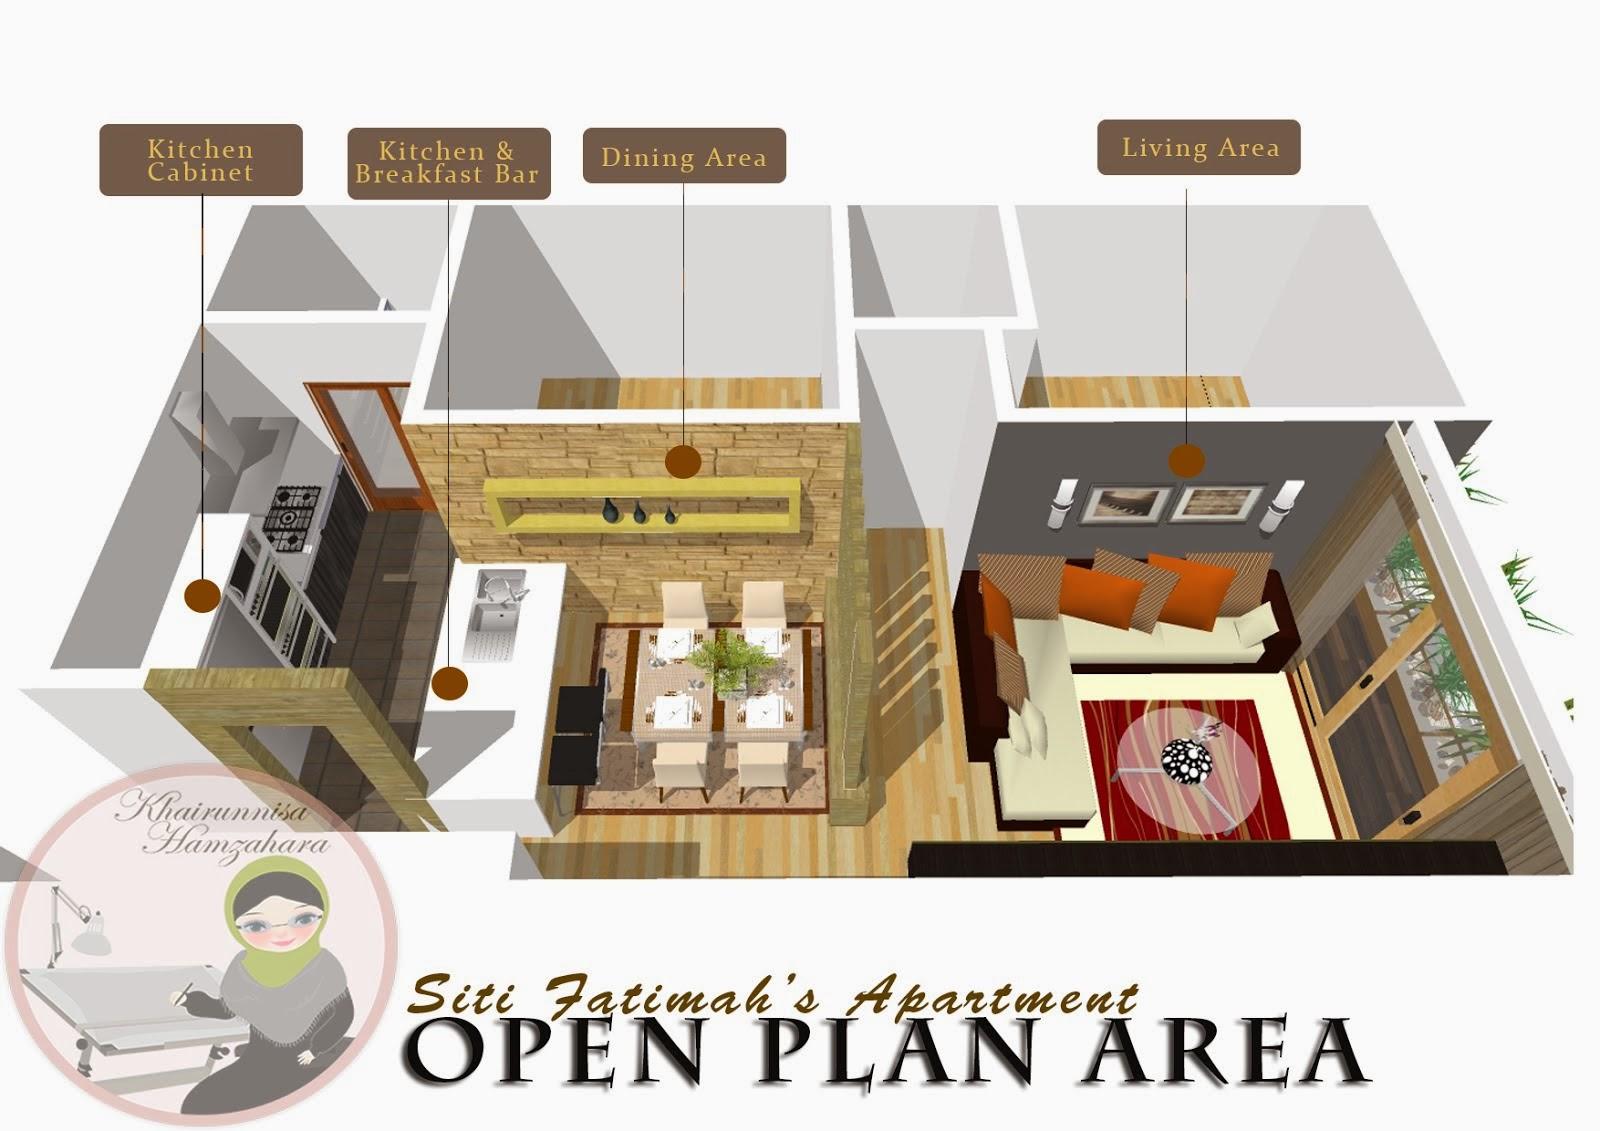 Rekabentuk Hiasan Dalaman Ruang Terbuka Rumah Apartment